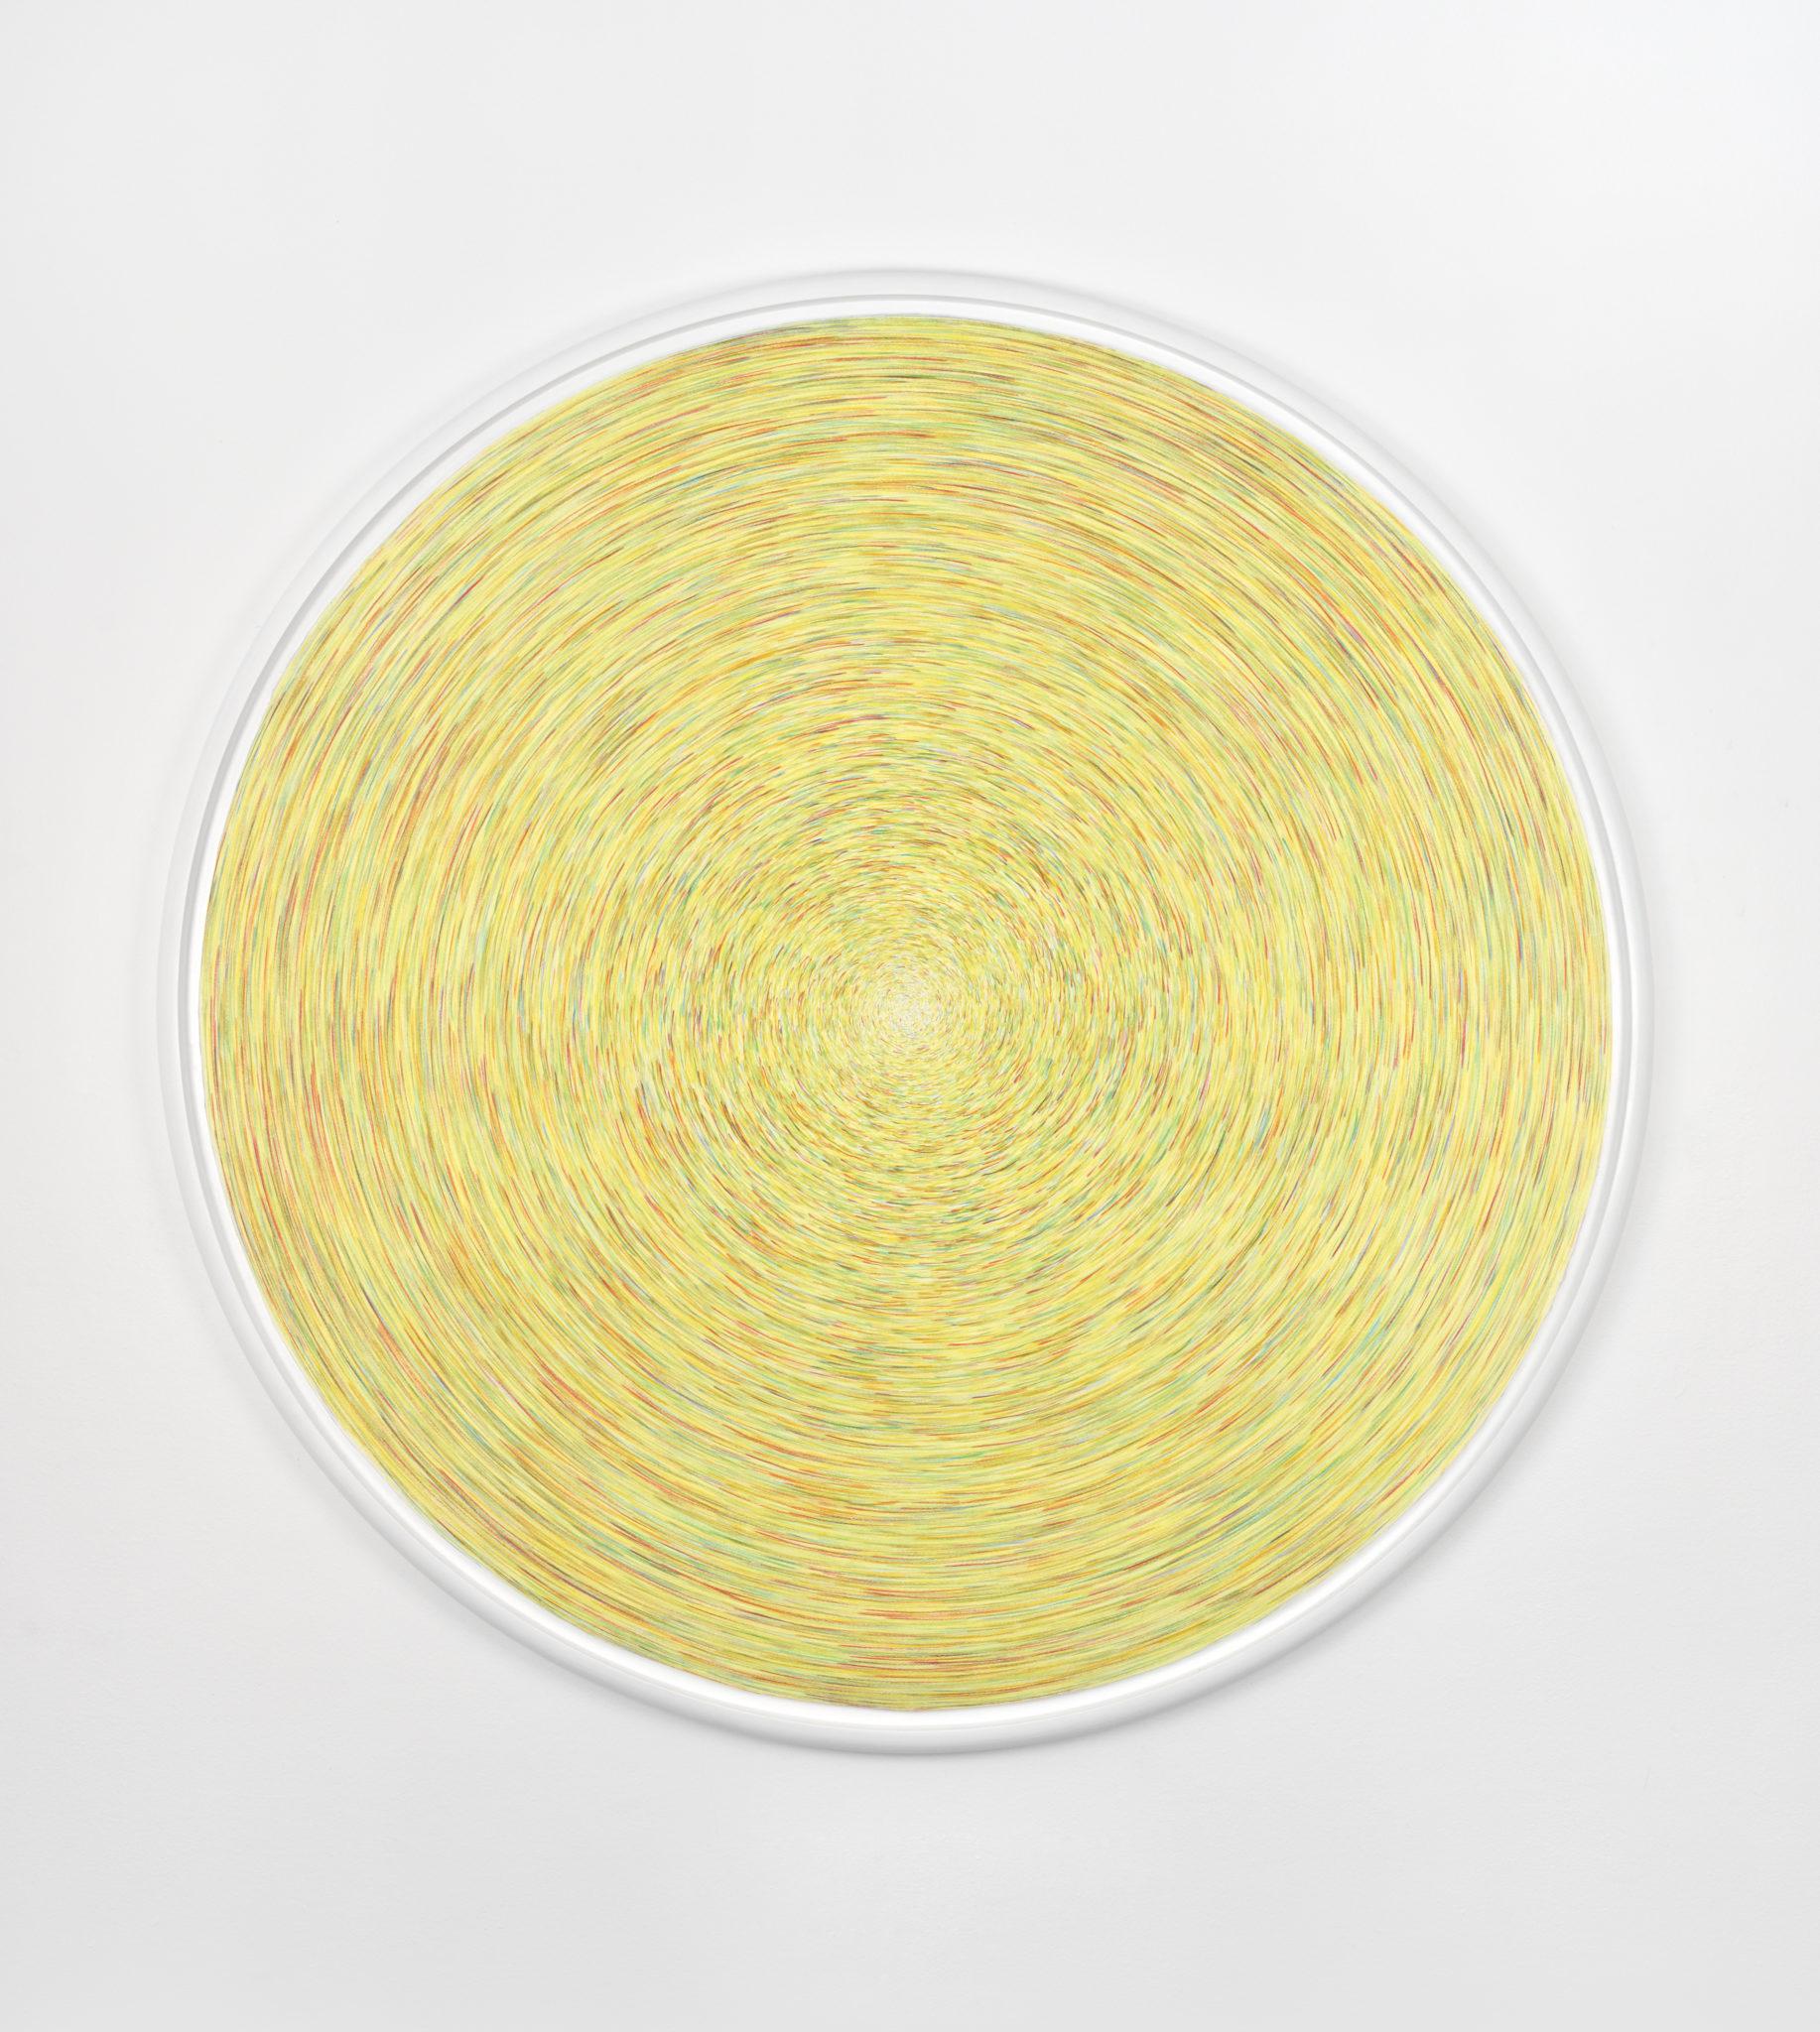 Carmen Perrin, Tracé tourné, frappé, 2018_Crayon de couleur sur papier, 163 cm de diamètre © Galerie Catherine Putman